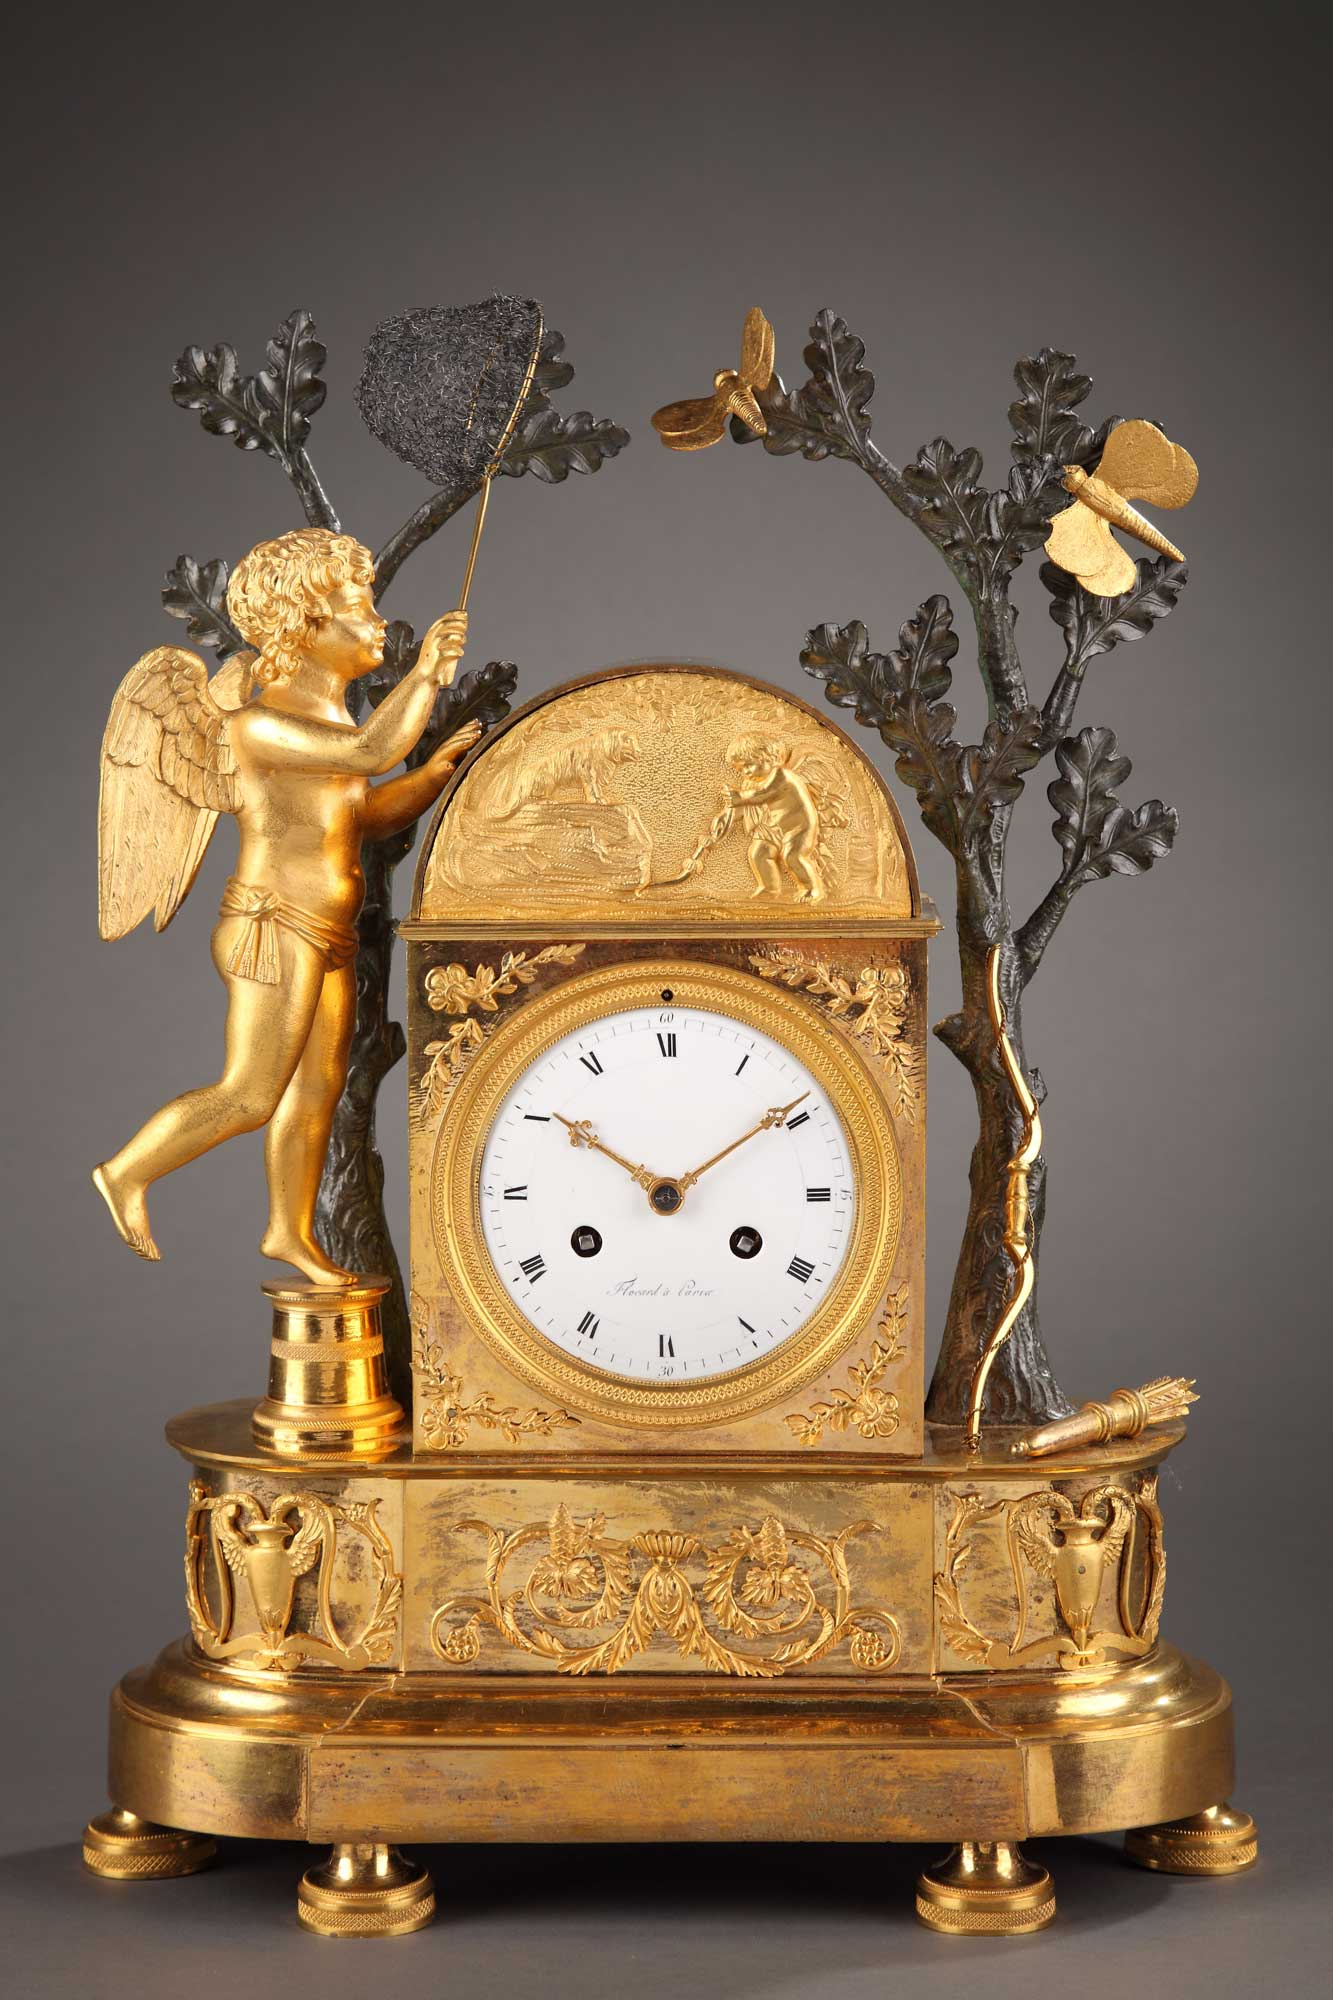 Pendule en bronze ciselé, doré et patiné. Cupidon en équilibre, essaie d'attraper dans son filet un papillon, symbole de l'amour fragile. Son carquois et arc sont posés contre le tronc.